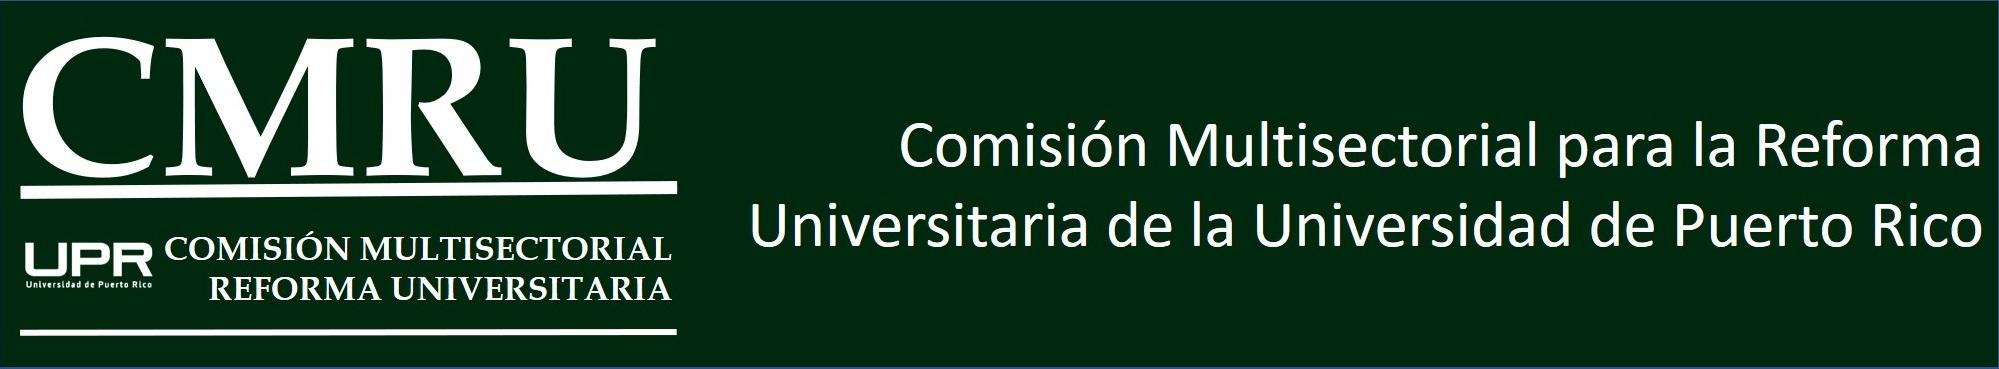 Banner para la página de CMRU